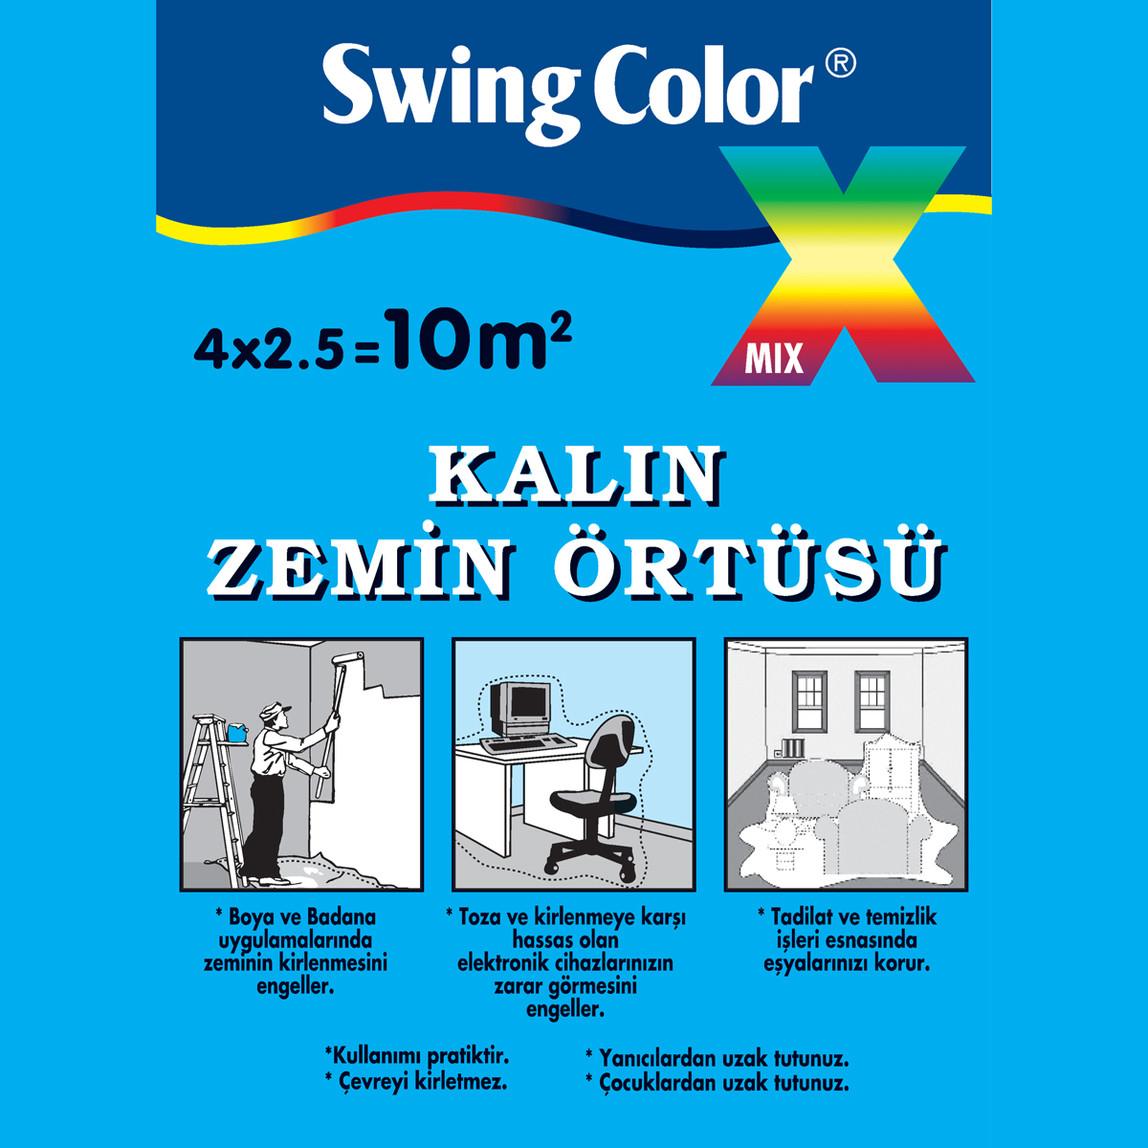 Swing Color Kalın Zemin Örtüsü 10m²